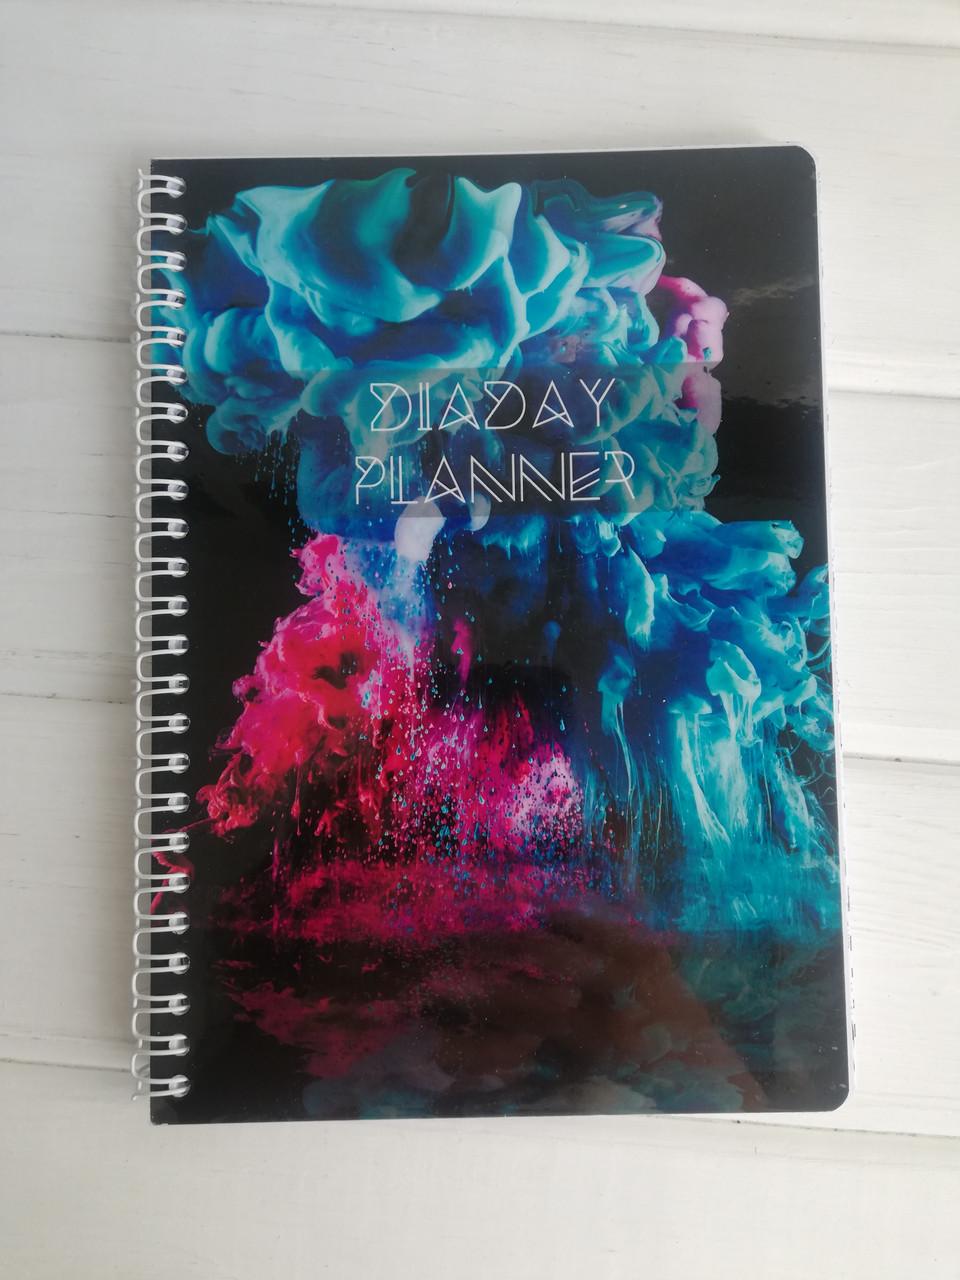 Дневник самоконтроля DiaDay Planner, обложка «Colors»